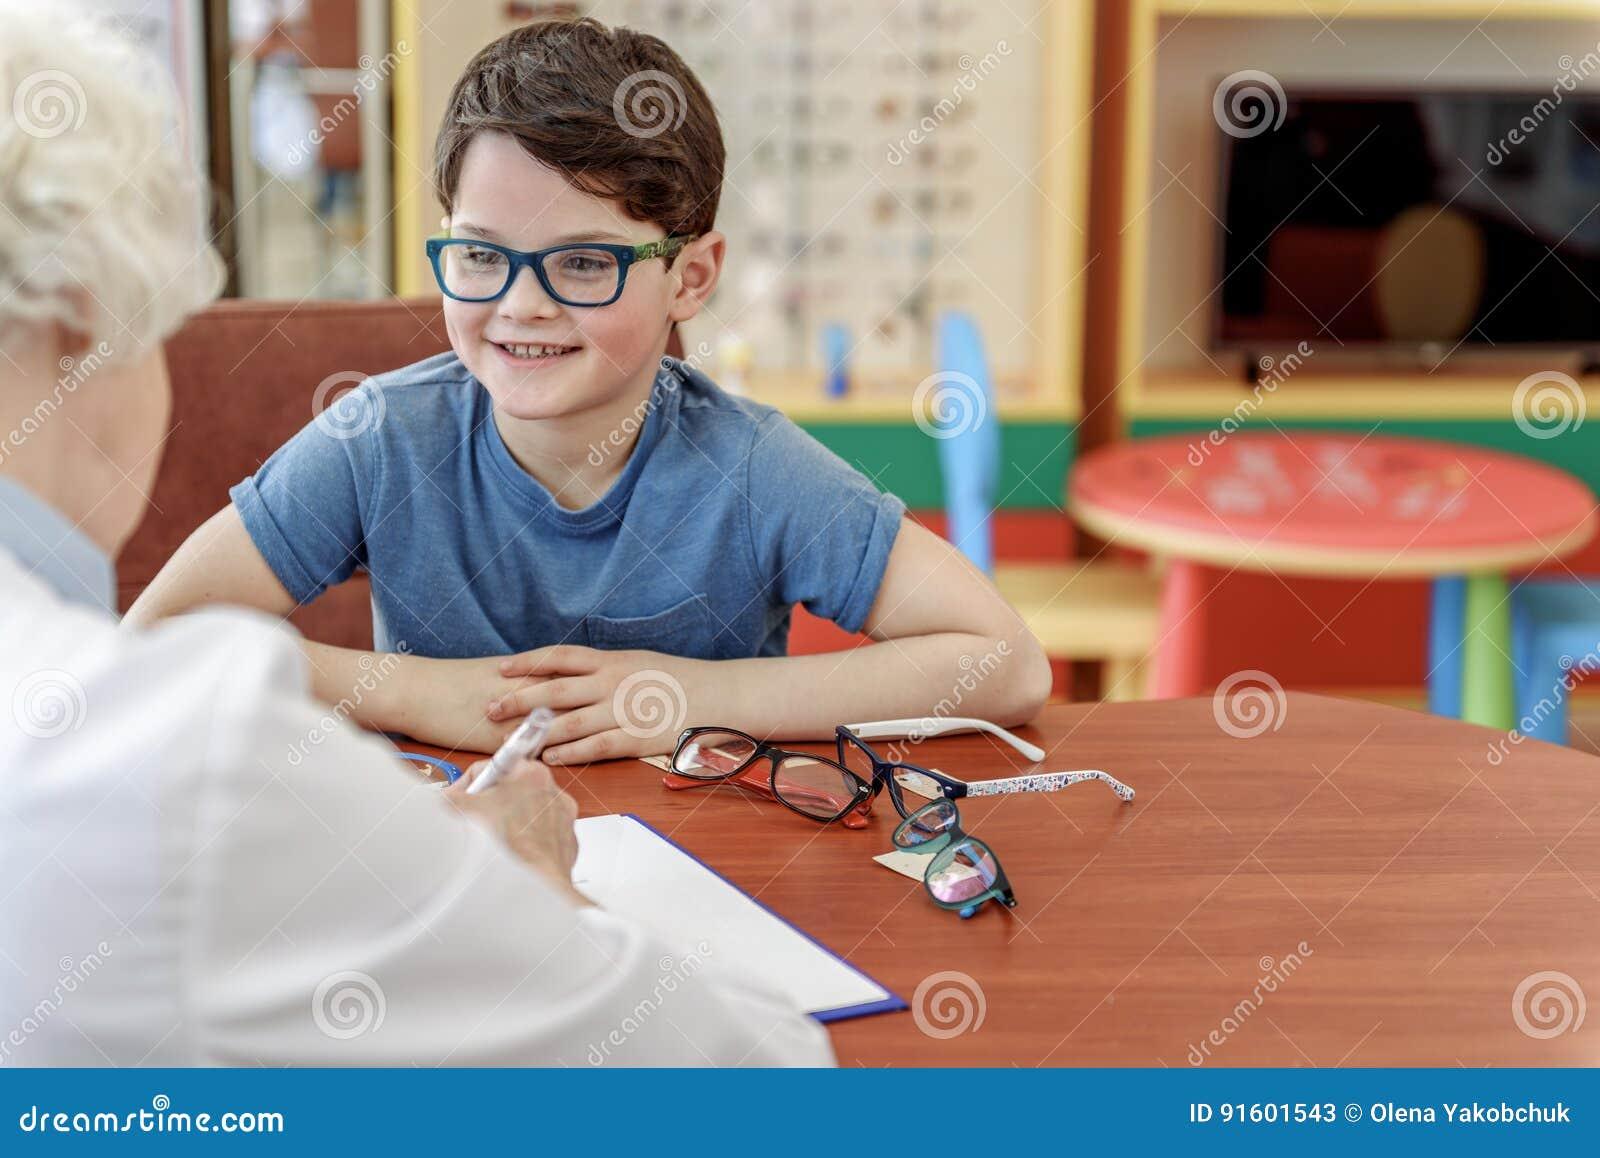 Uppsluppen pys i eyewear